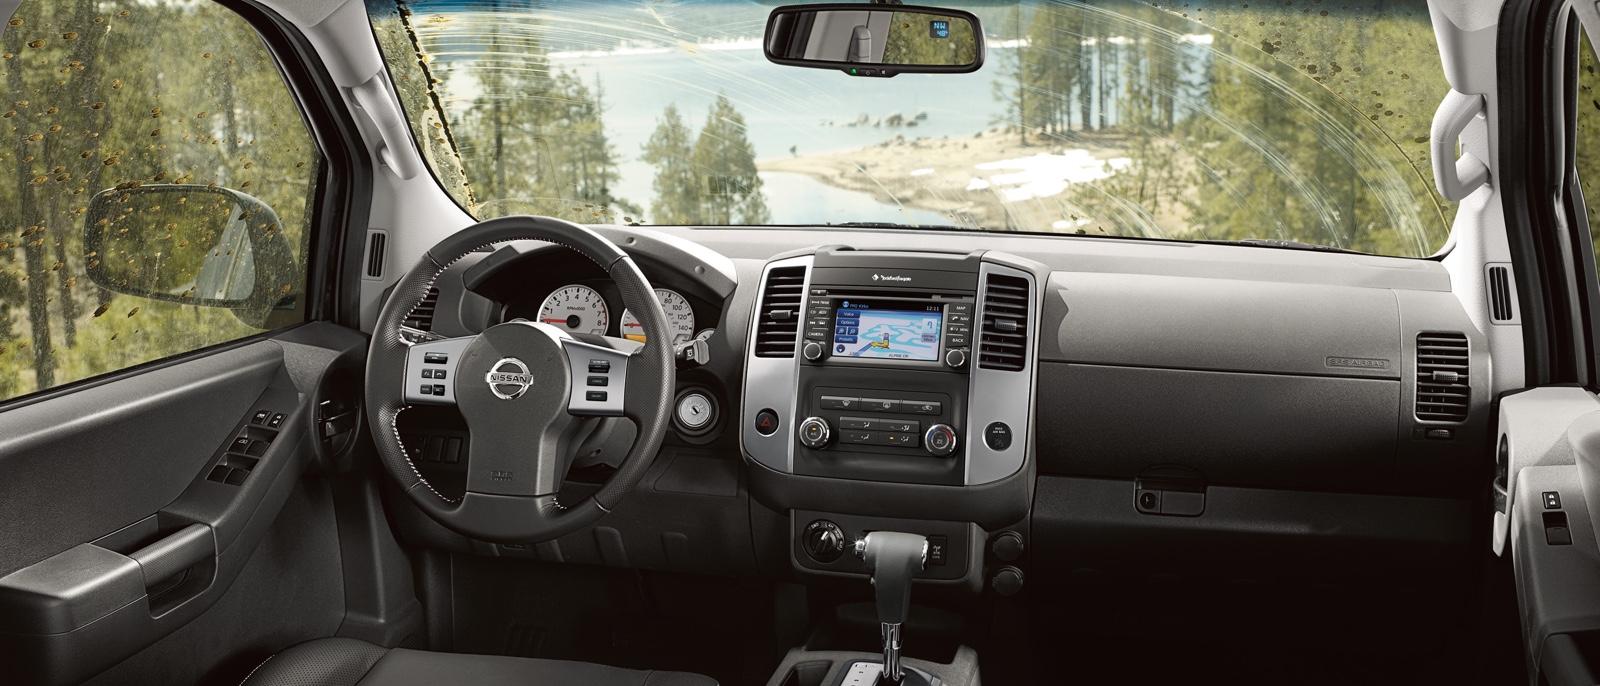 2015 Nissan Xterra Slider